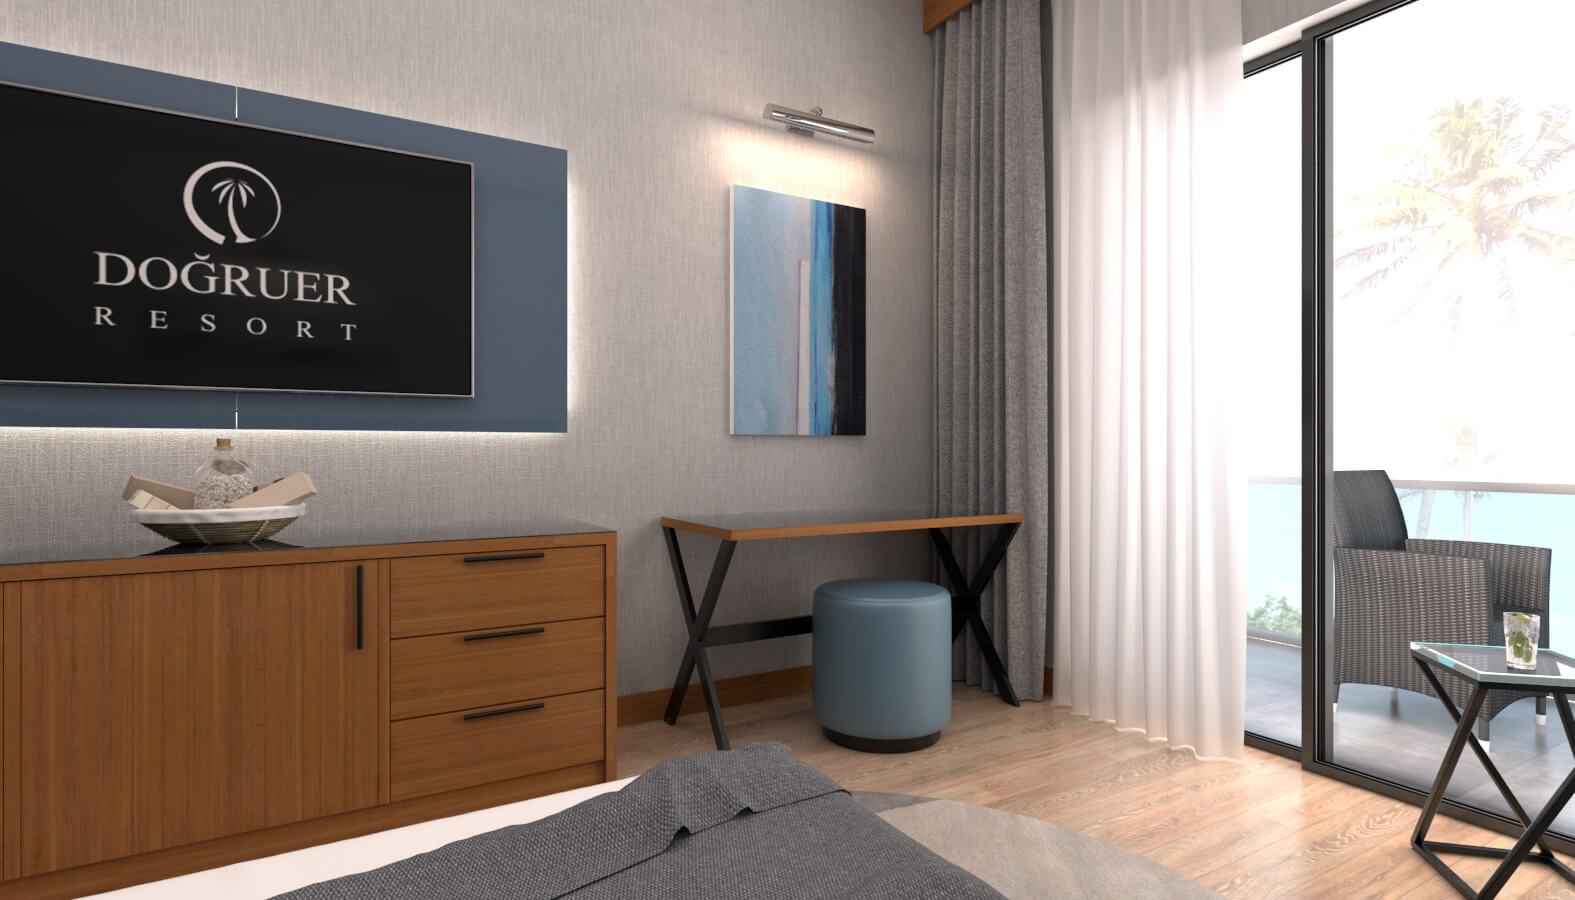 tip oda tasarımı 3608 Doğruer hotel Oteller